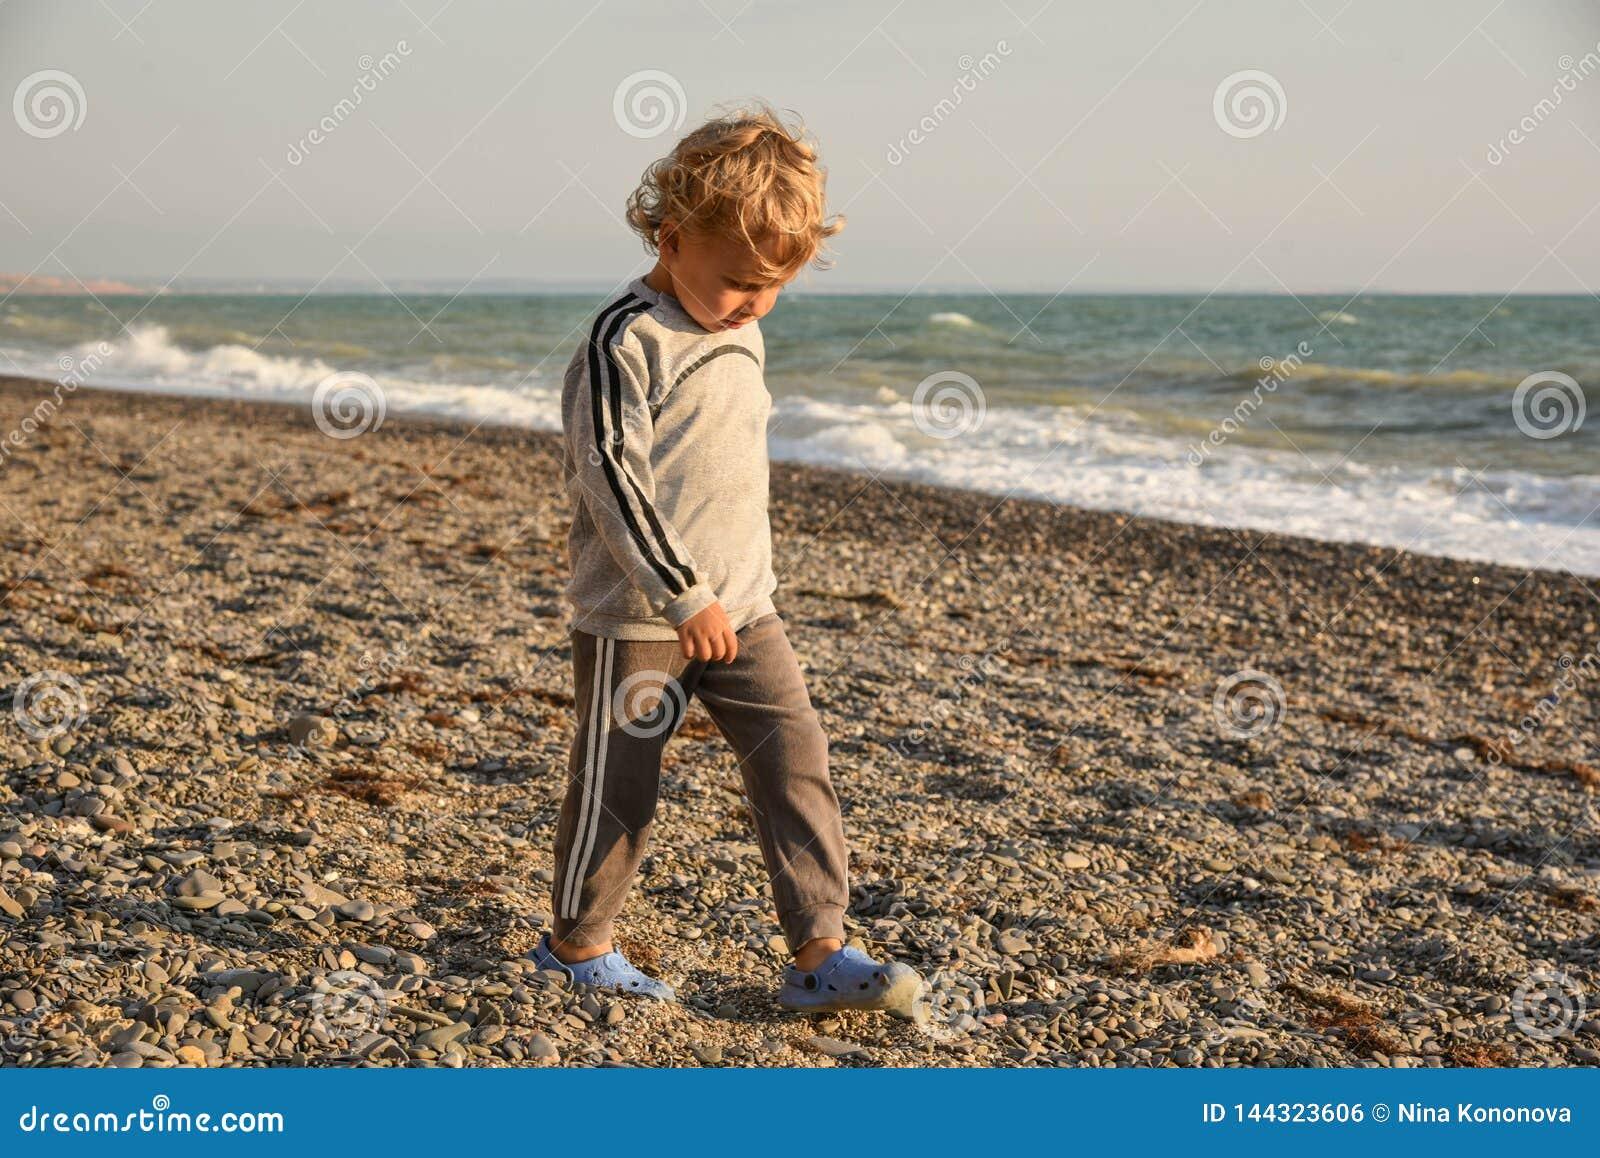 男婴后方海边小视图走 男孩走在海滩的日落